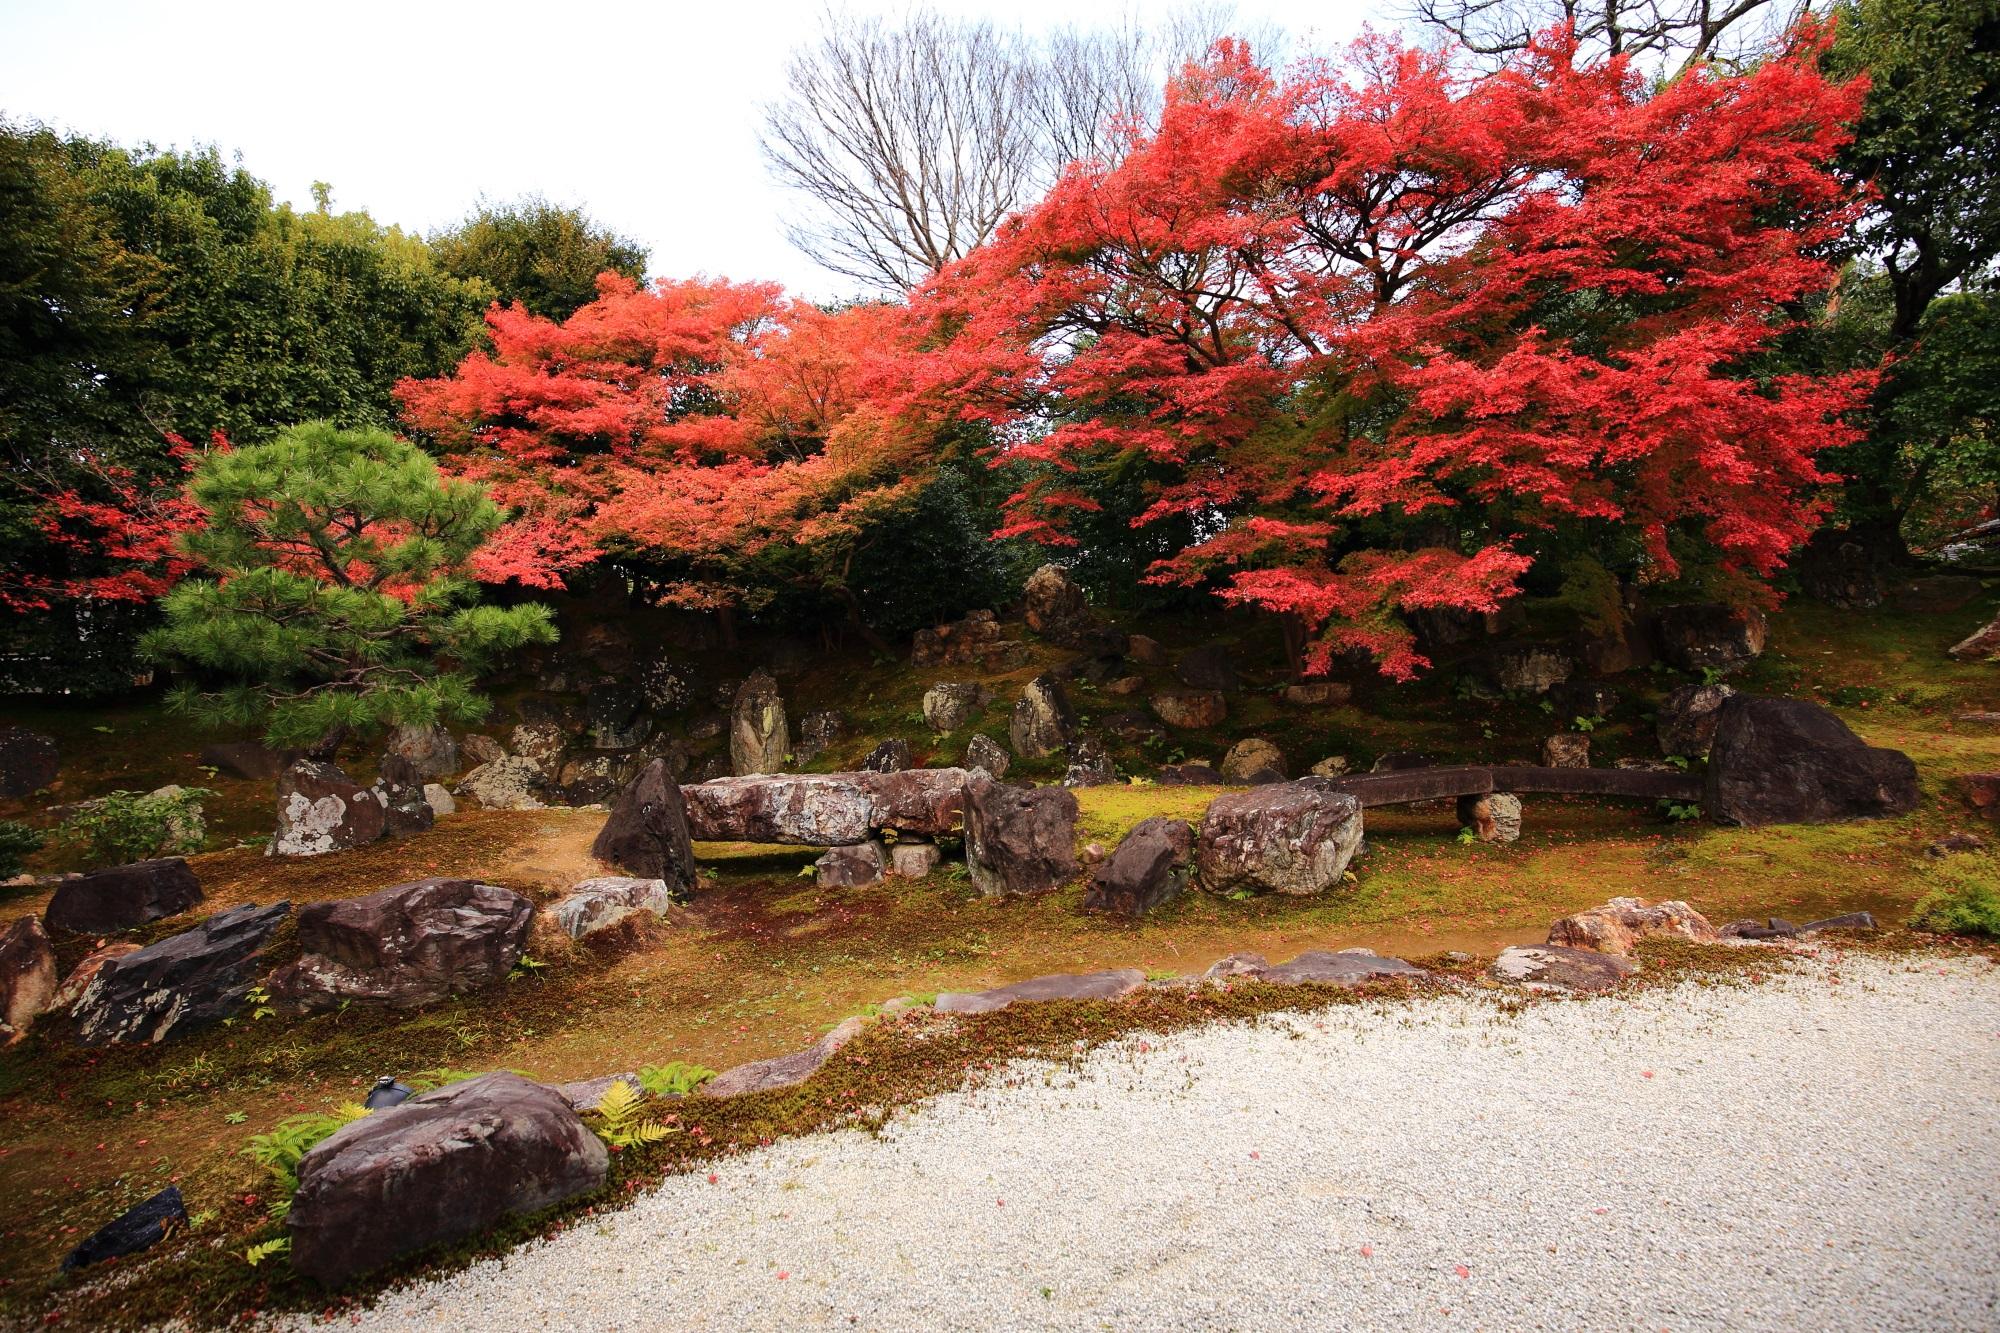 高台寺塔頭の圓徳院の北庭の見ごろの美しい紅葉